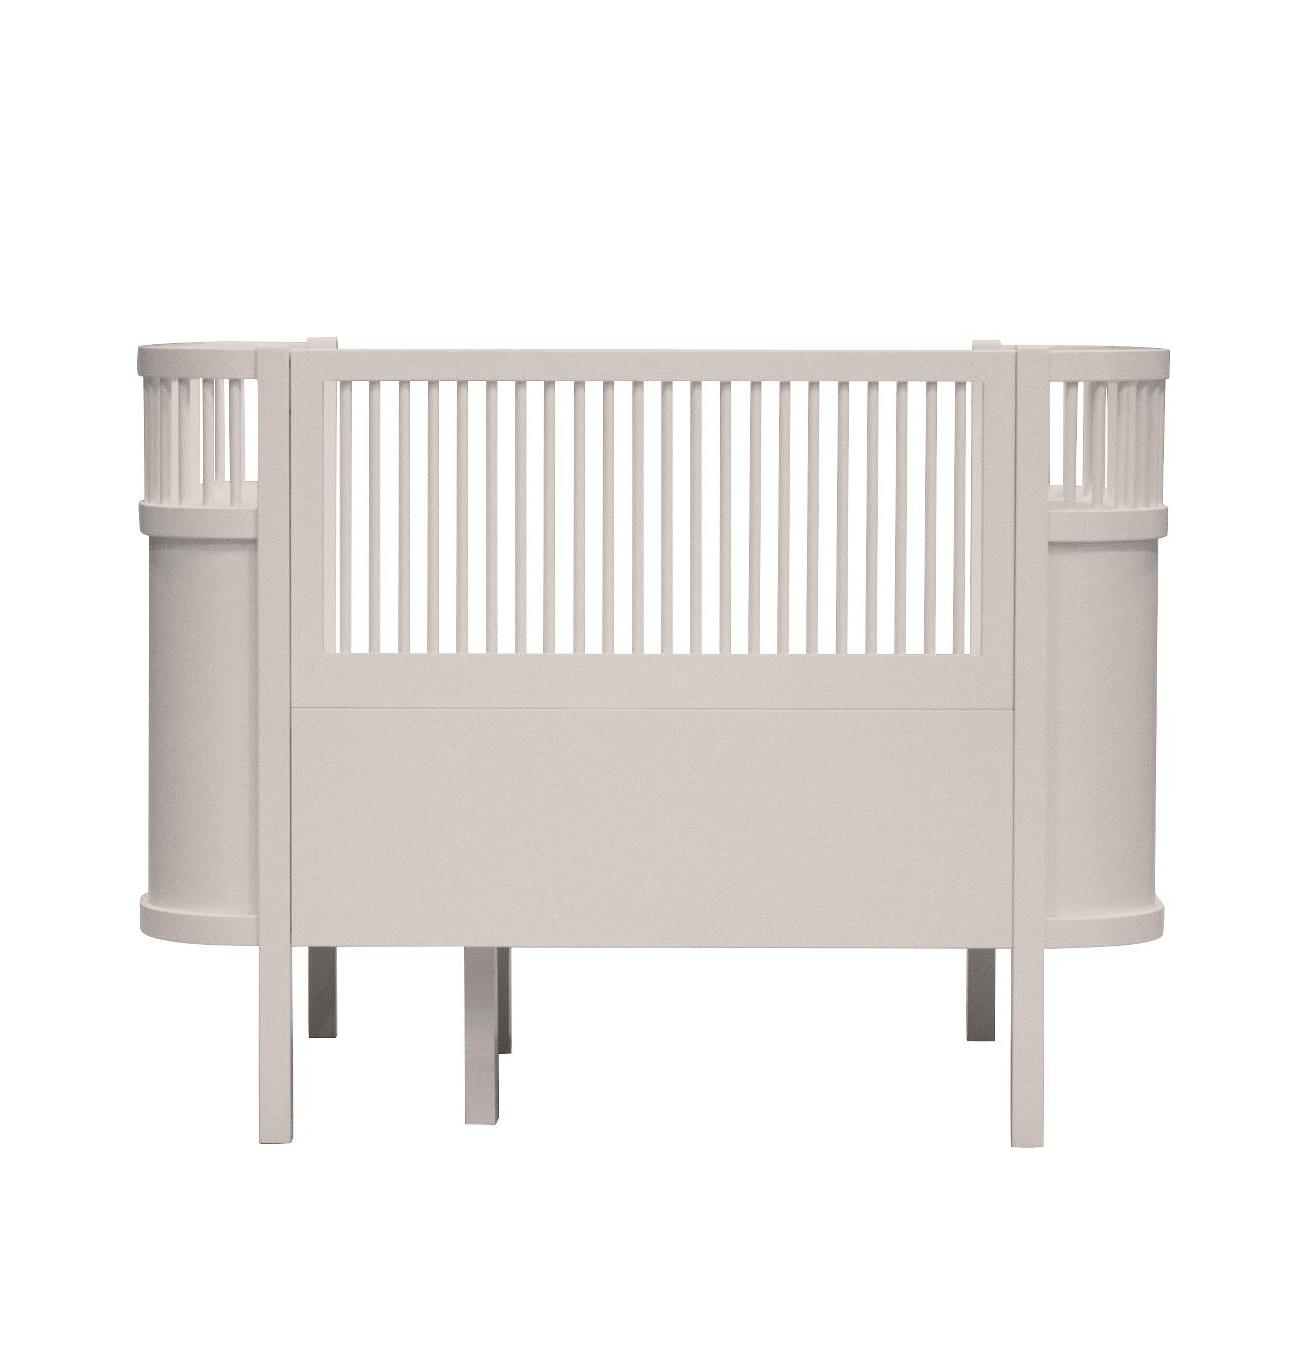 Sebra säng Kili Baby / junior beige, Sebra Interiør